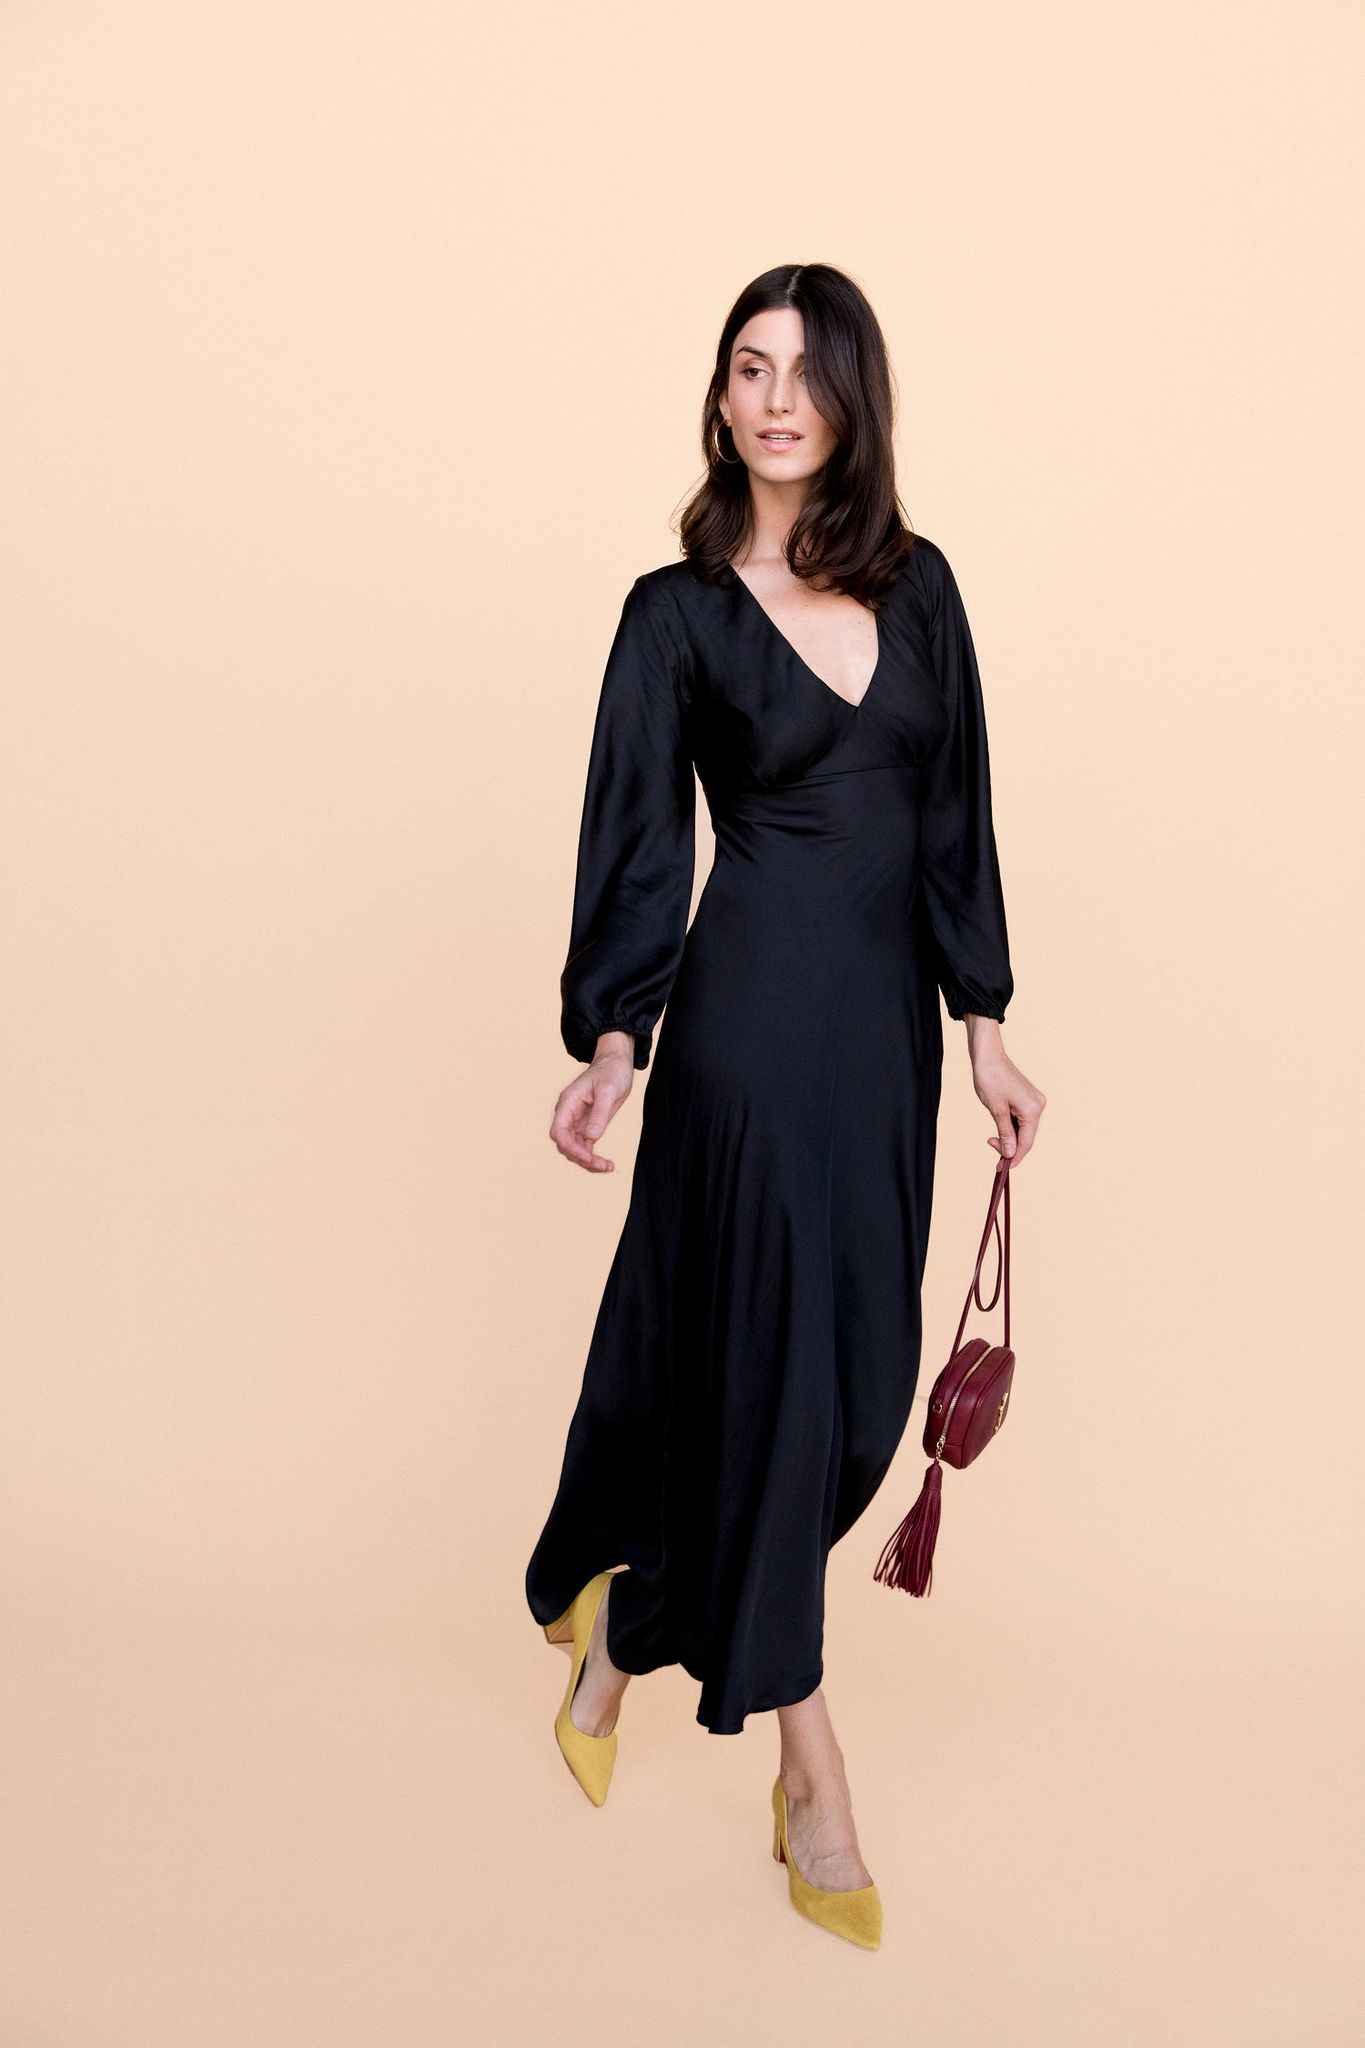 Natasha Dress - Black Satin